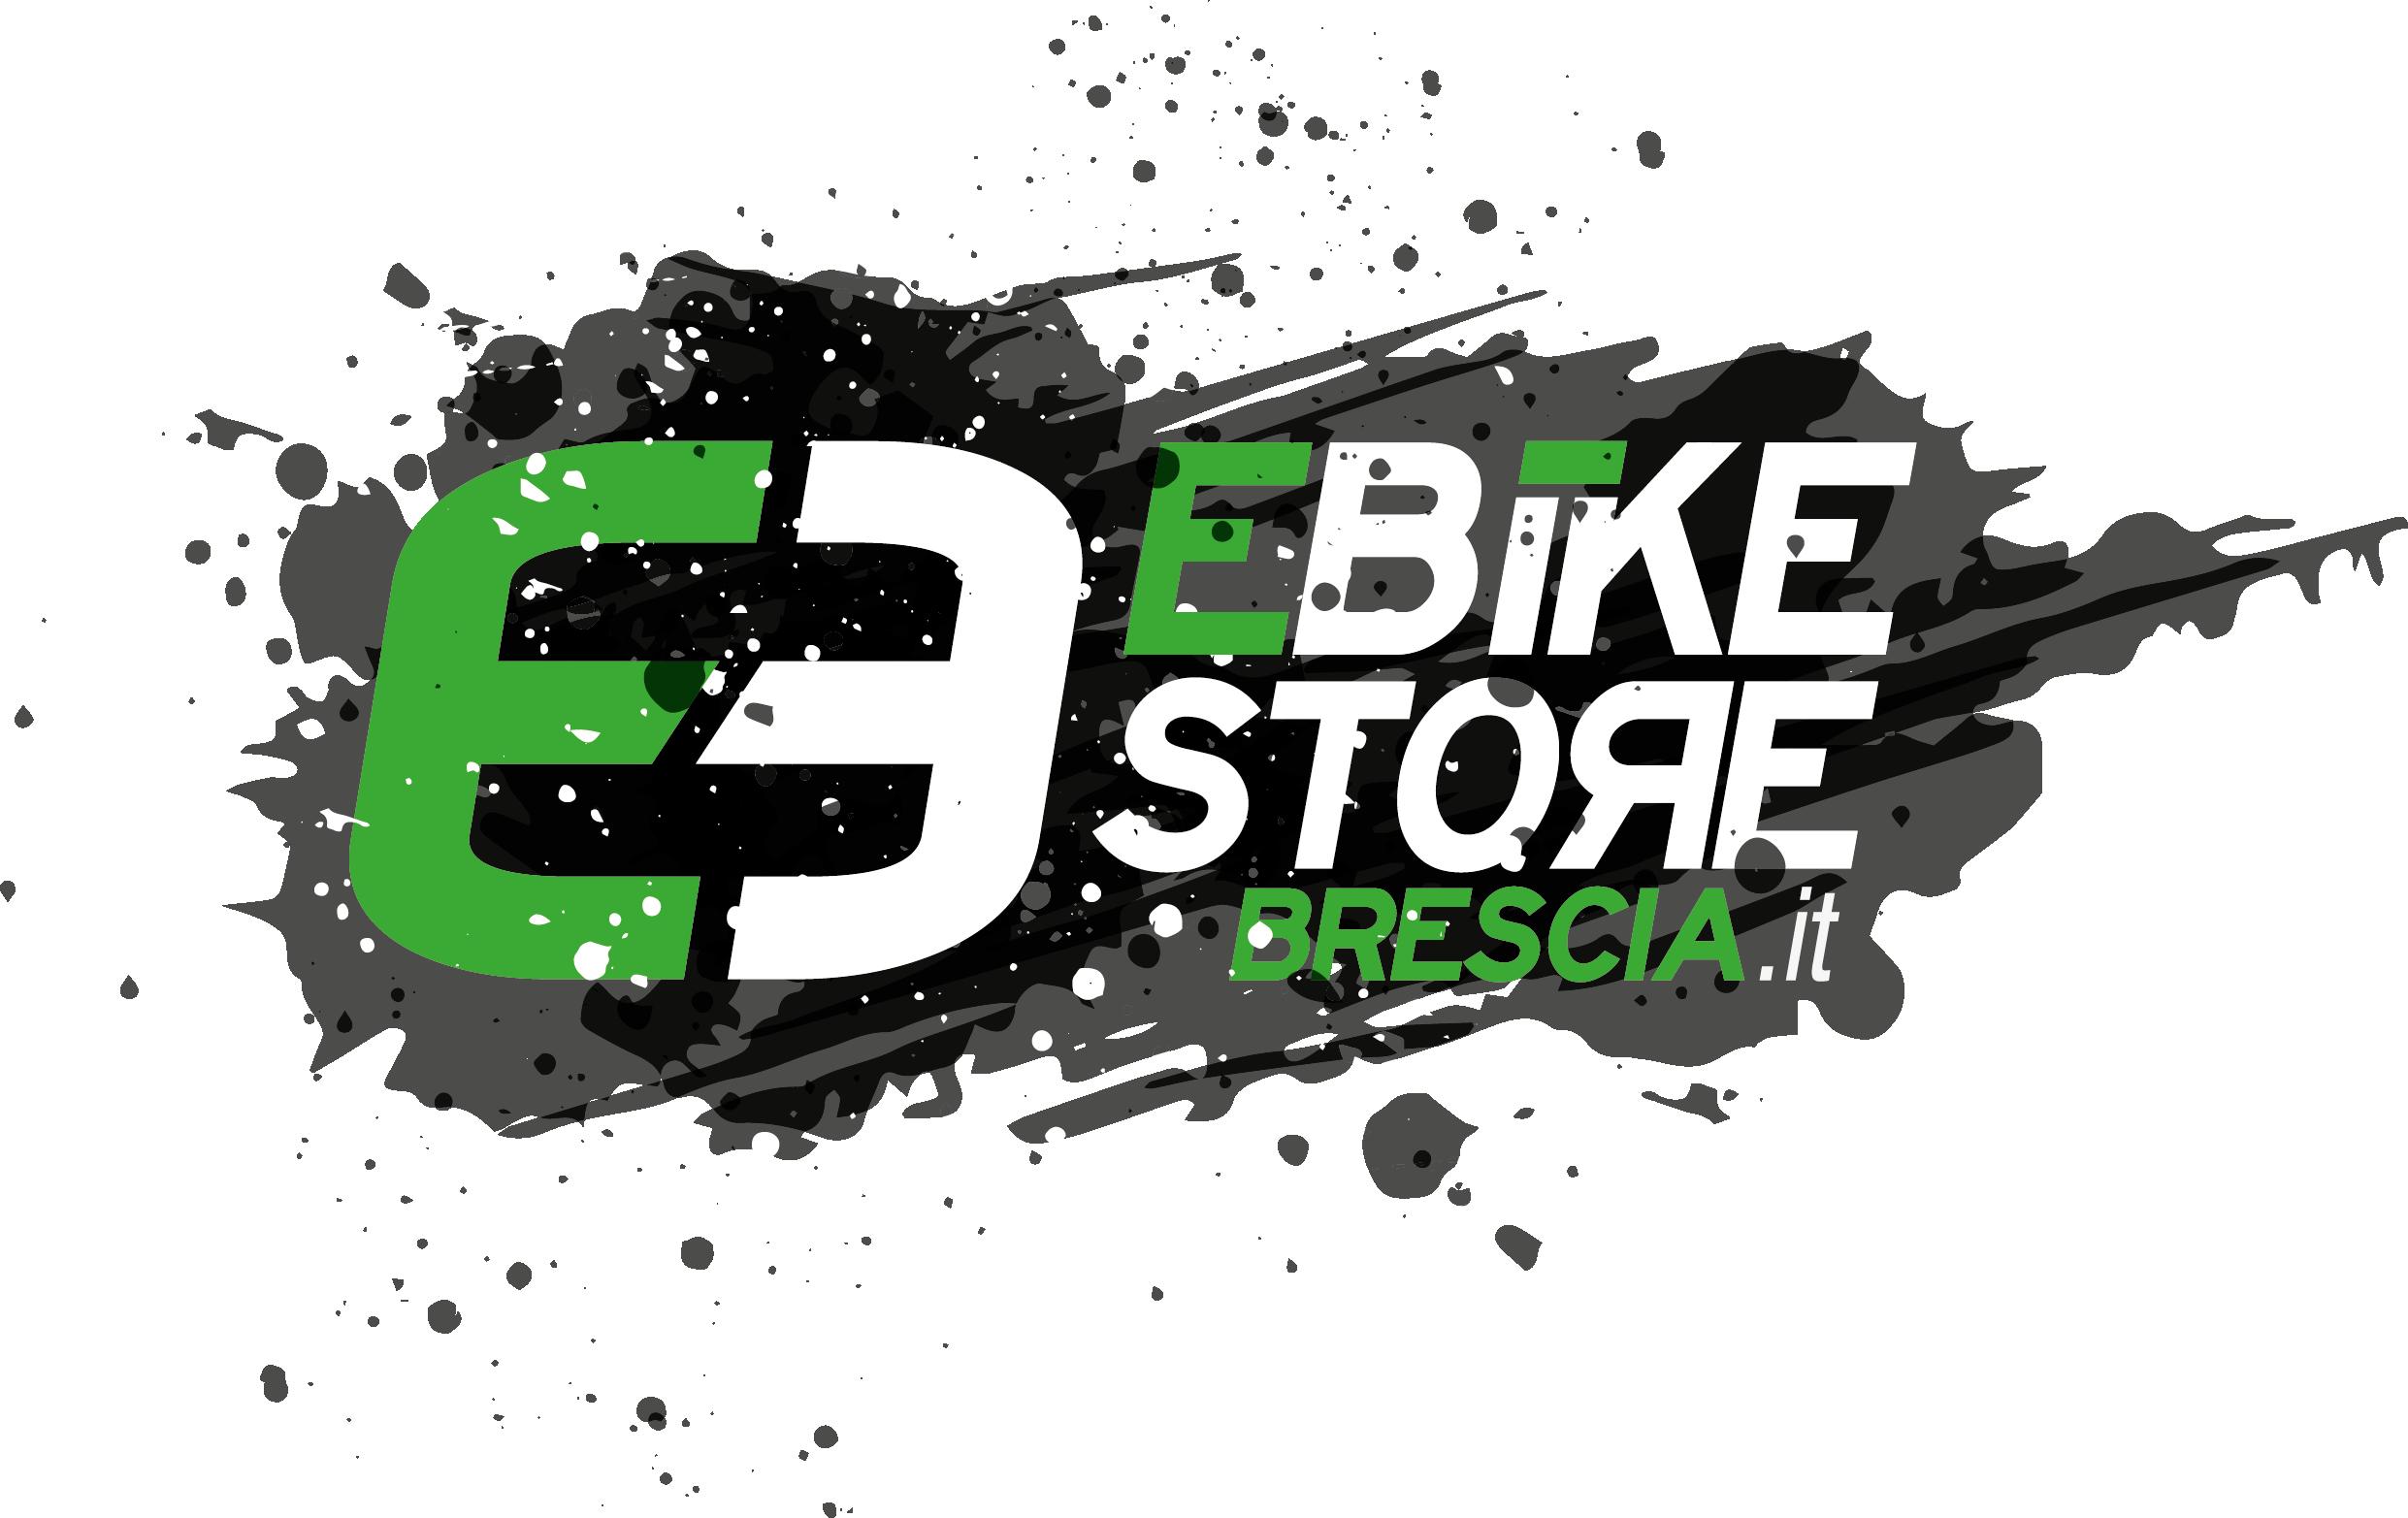 eBikeStore Brescia